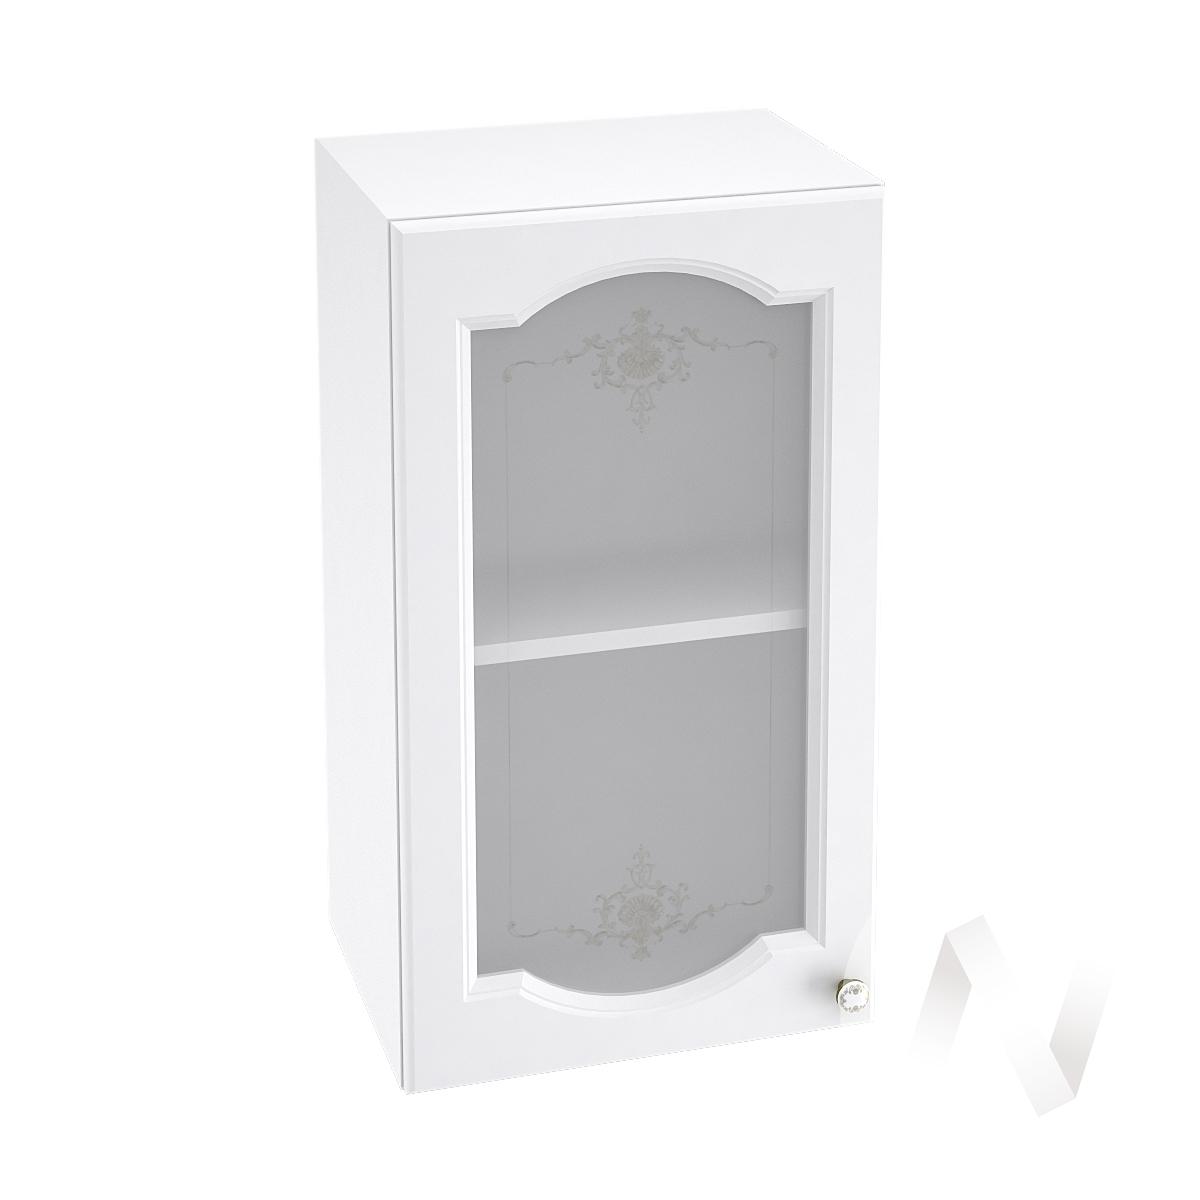 """Купить кухня """"шарлиз"""": шкаф верхний со стеклом 400, швс 400 (корпус белый) в Новосибирске в интернет-магазине Мебель плюс Техника"""